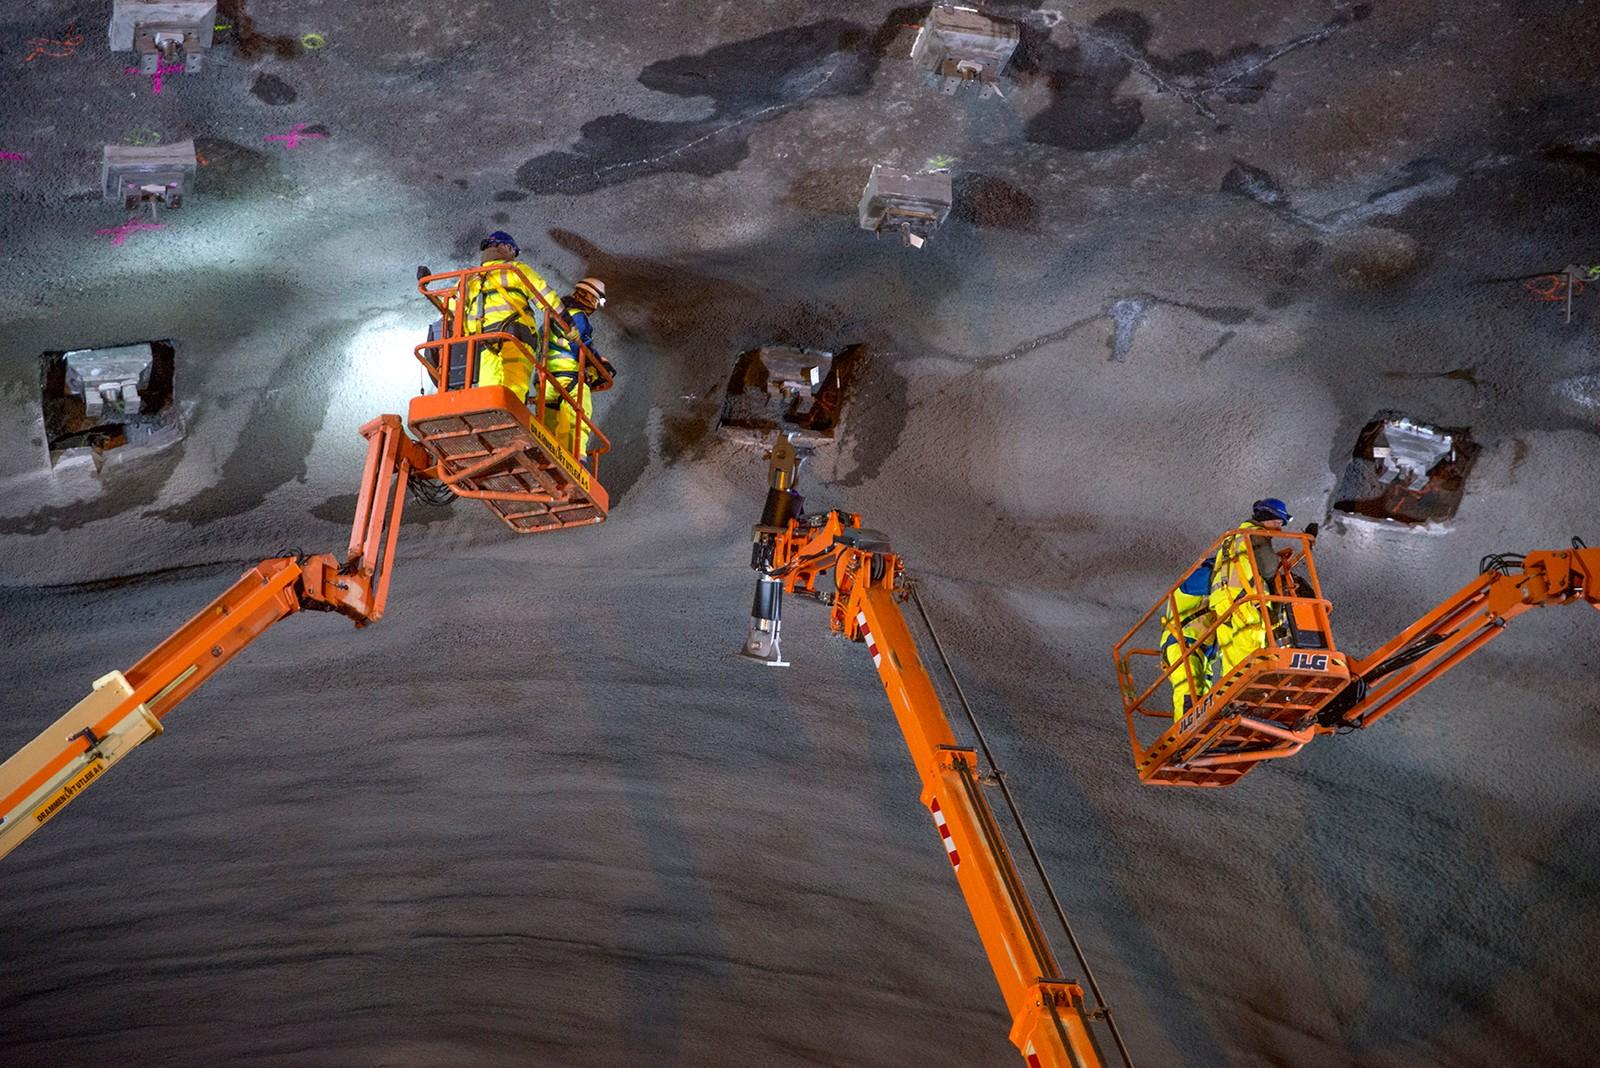 Tusen tonn stål og ti tusen kvadratmeter akustisk himling går med for å bygge taket i den nye stasjonshallen inne i Holmestrandsfjellet. Foto: Anne Mette Storvik/Jernbaneverket